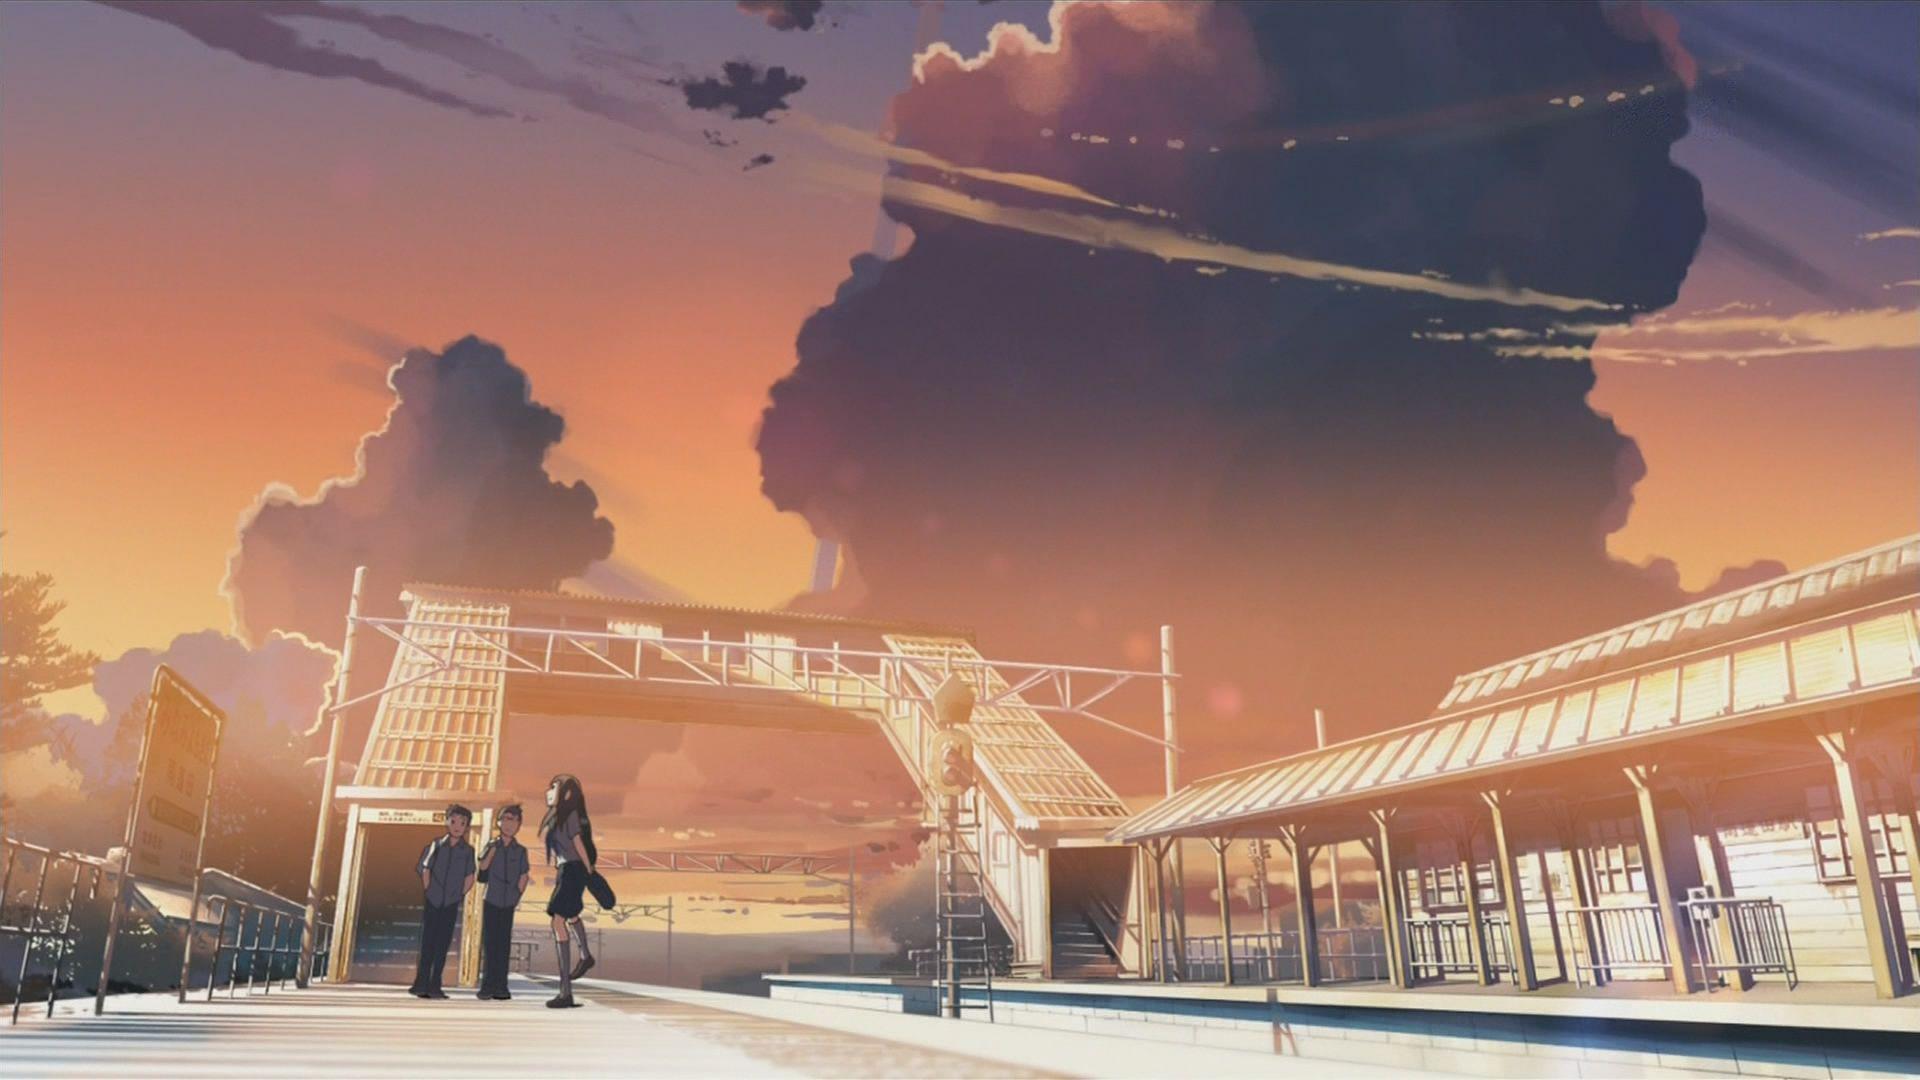 Summer Days おしゃれまとめの人気アイデア Pinterest にゃおん ノスタルジック 画像 空イラスト アニメの風景